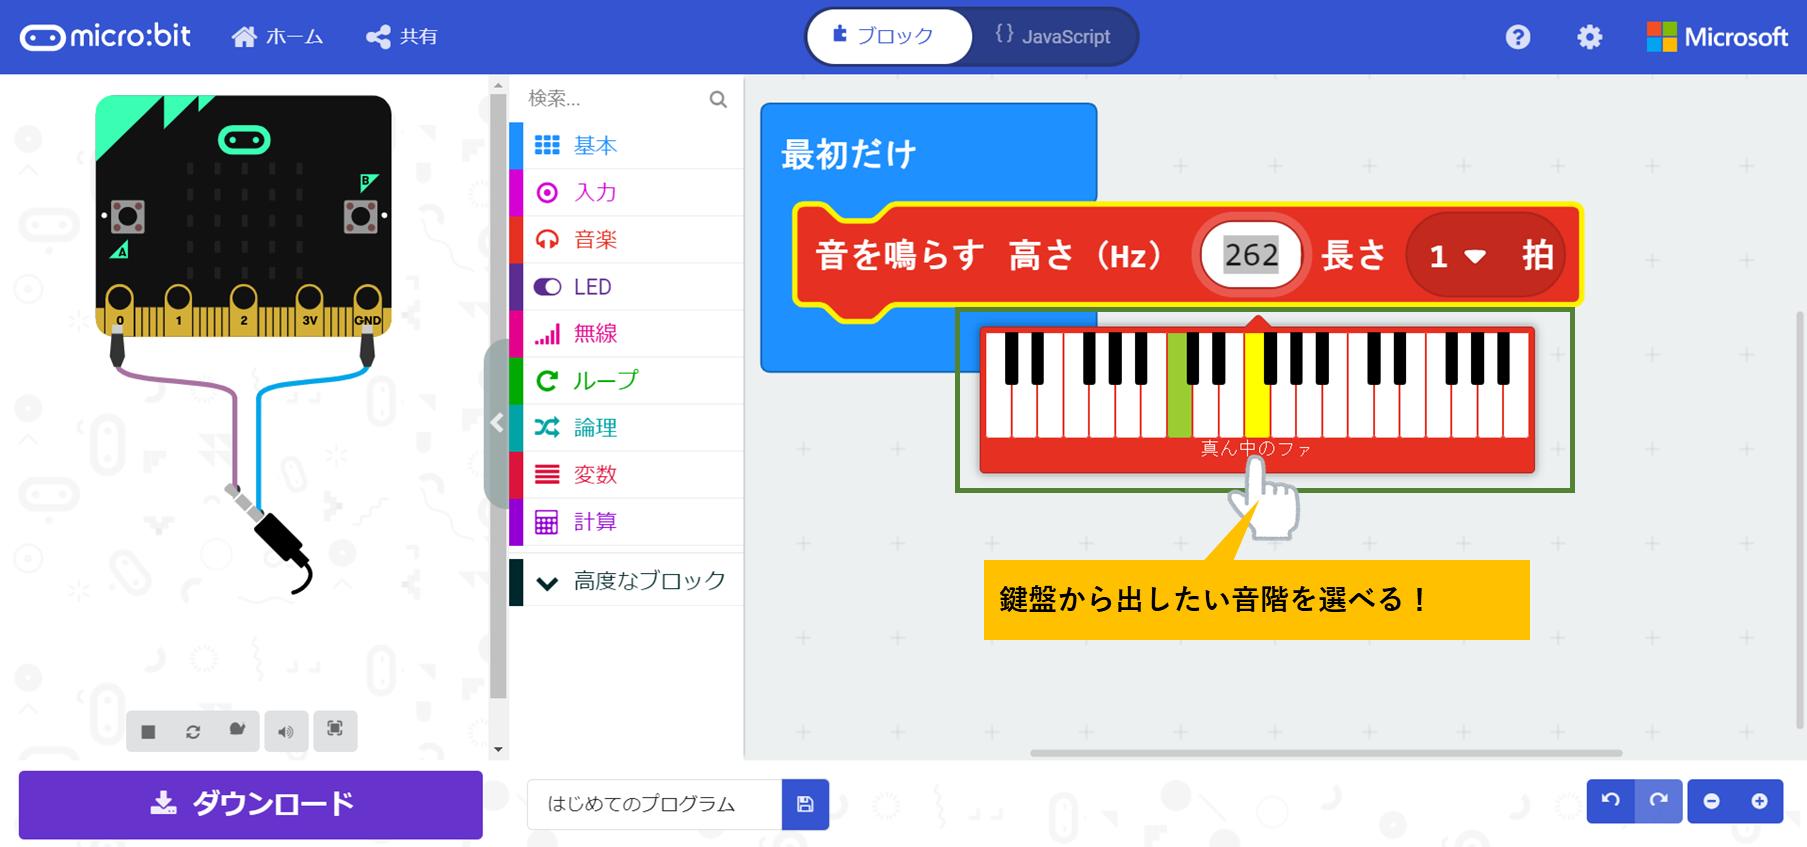 鍵盤を使った音の出し方